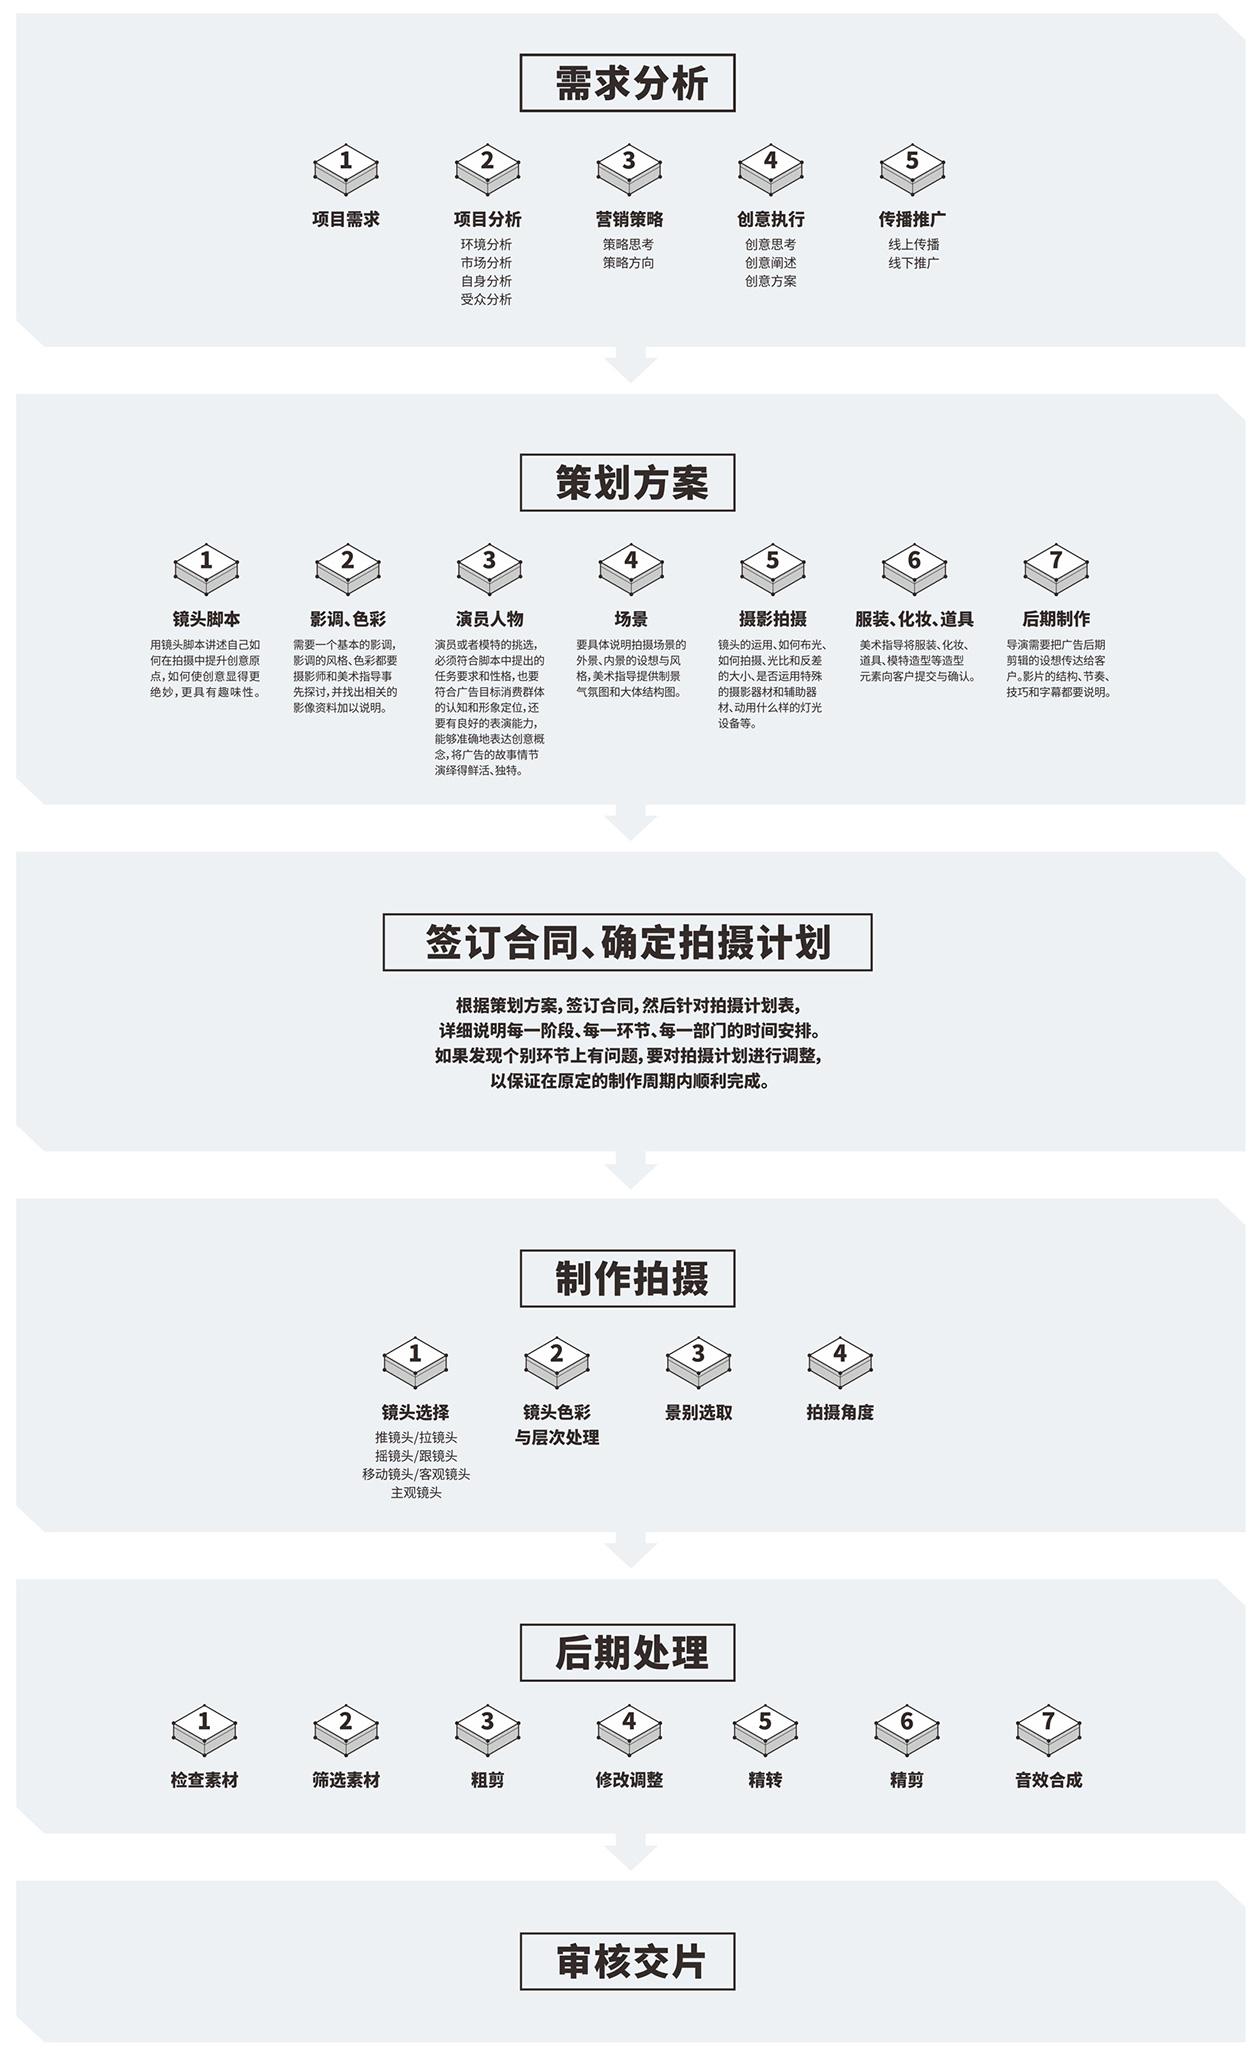 宣传片拍摄_宣传片制作_深圳宣传片拍摄公司 - 彬野视觉